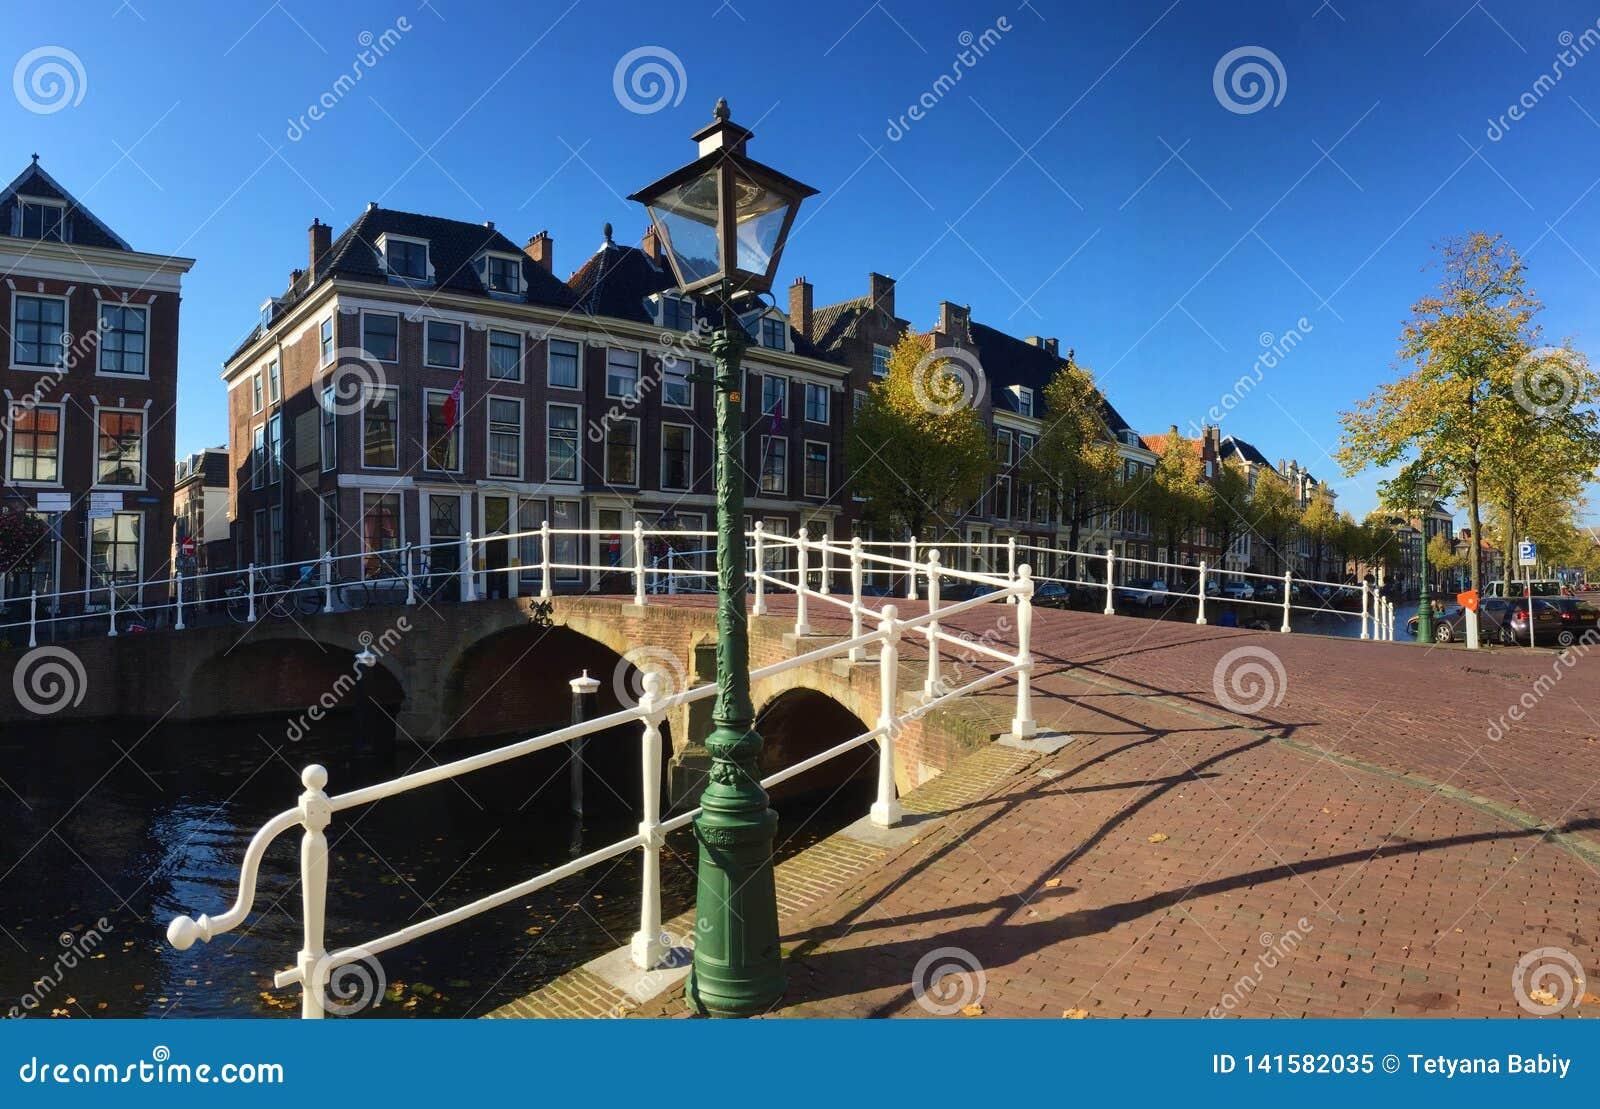 Ulica kanały Północny Holandia